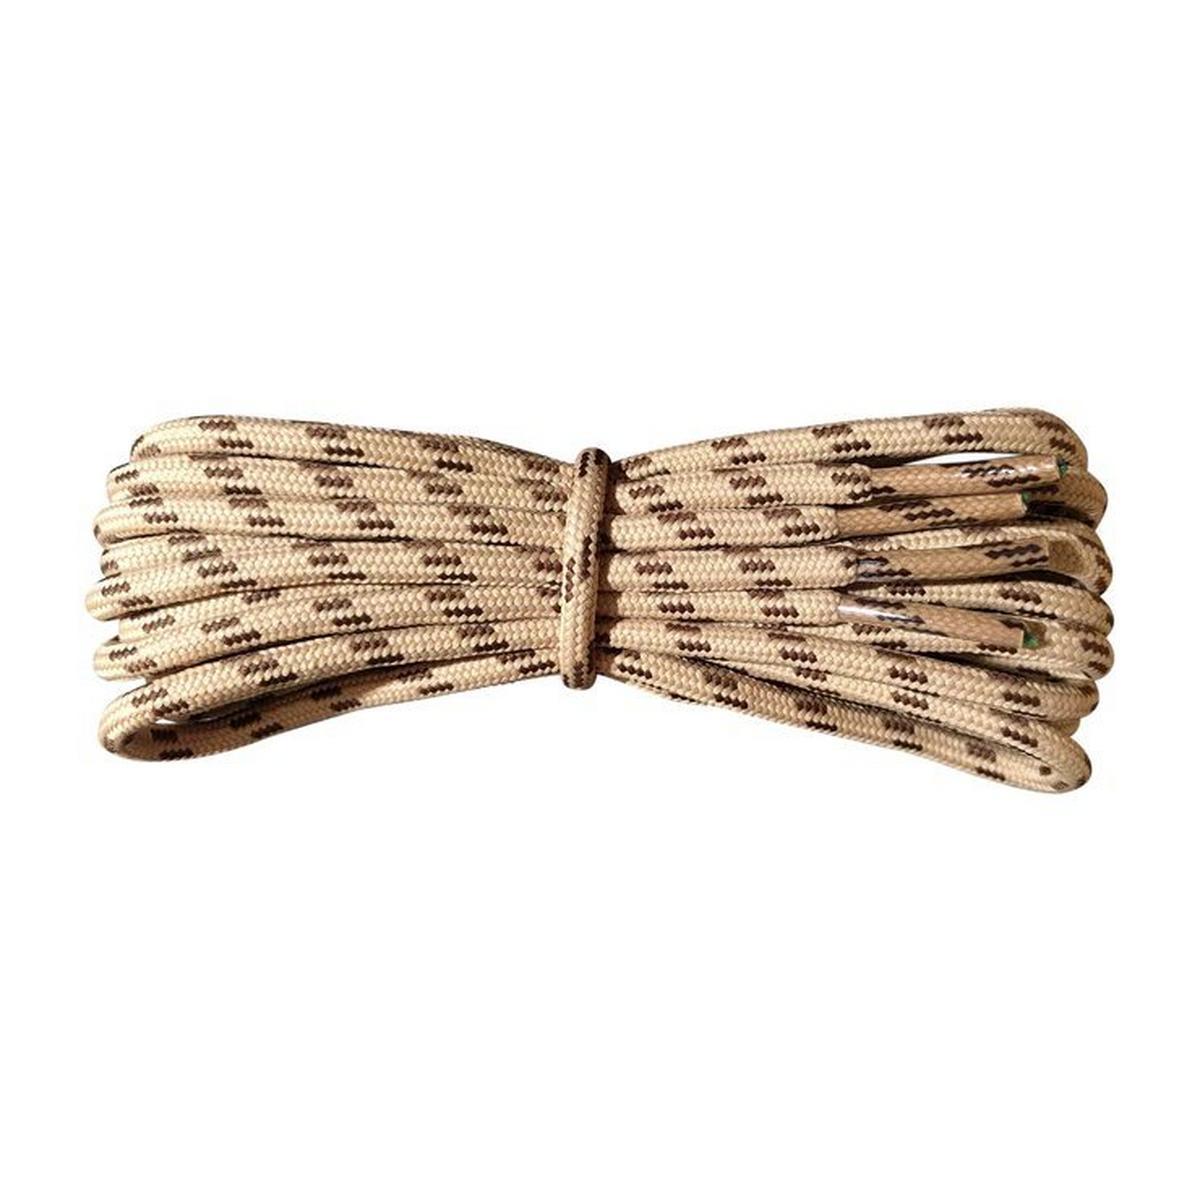 Fabmania 180cm Laces - Multi